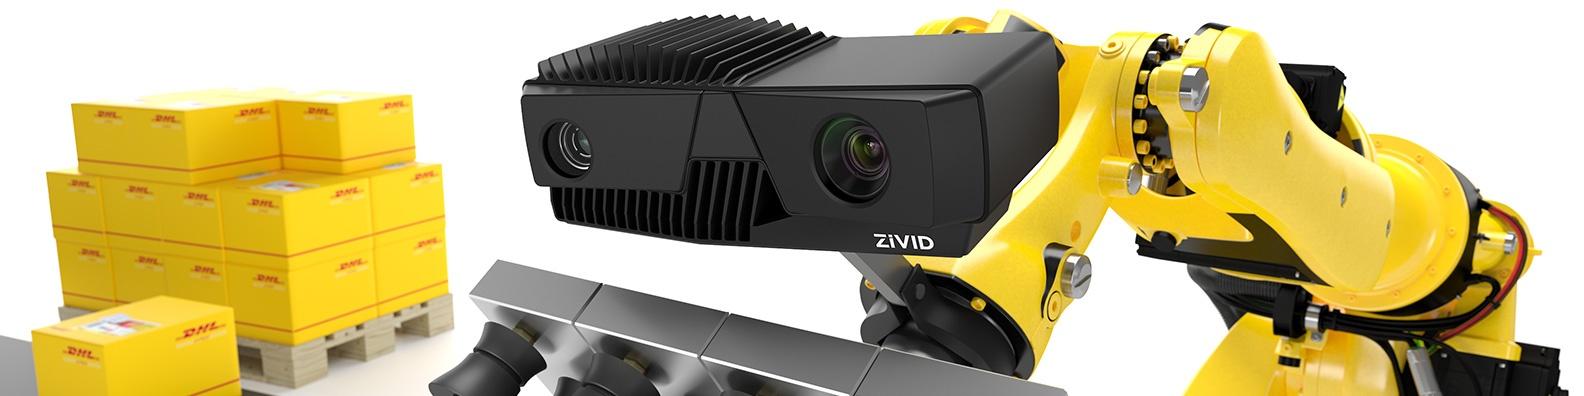 DHL-Zivid-3D-cameras.jpg